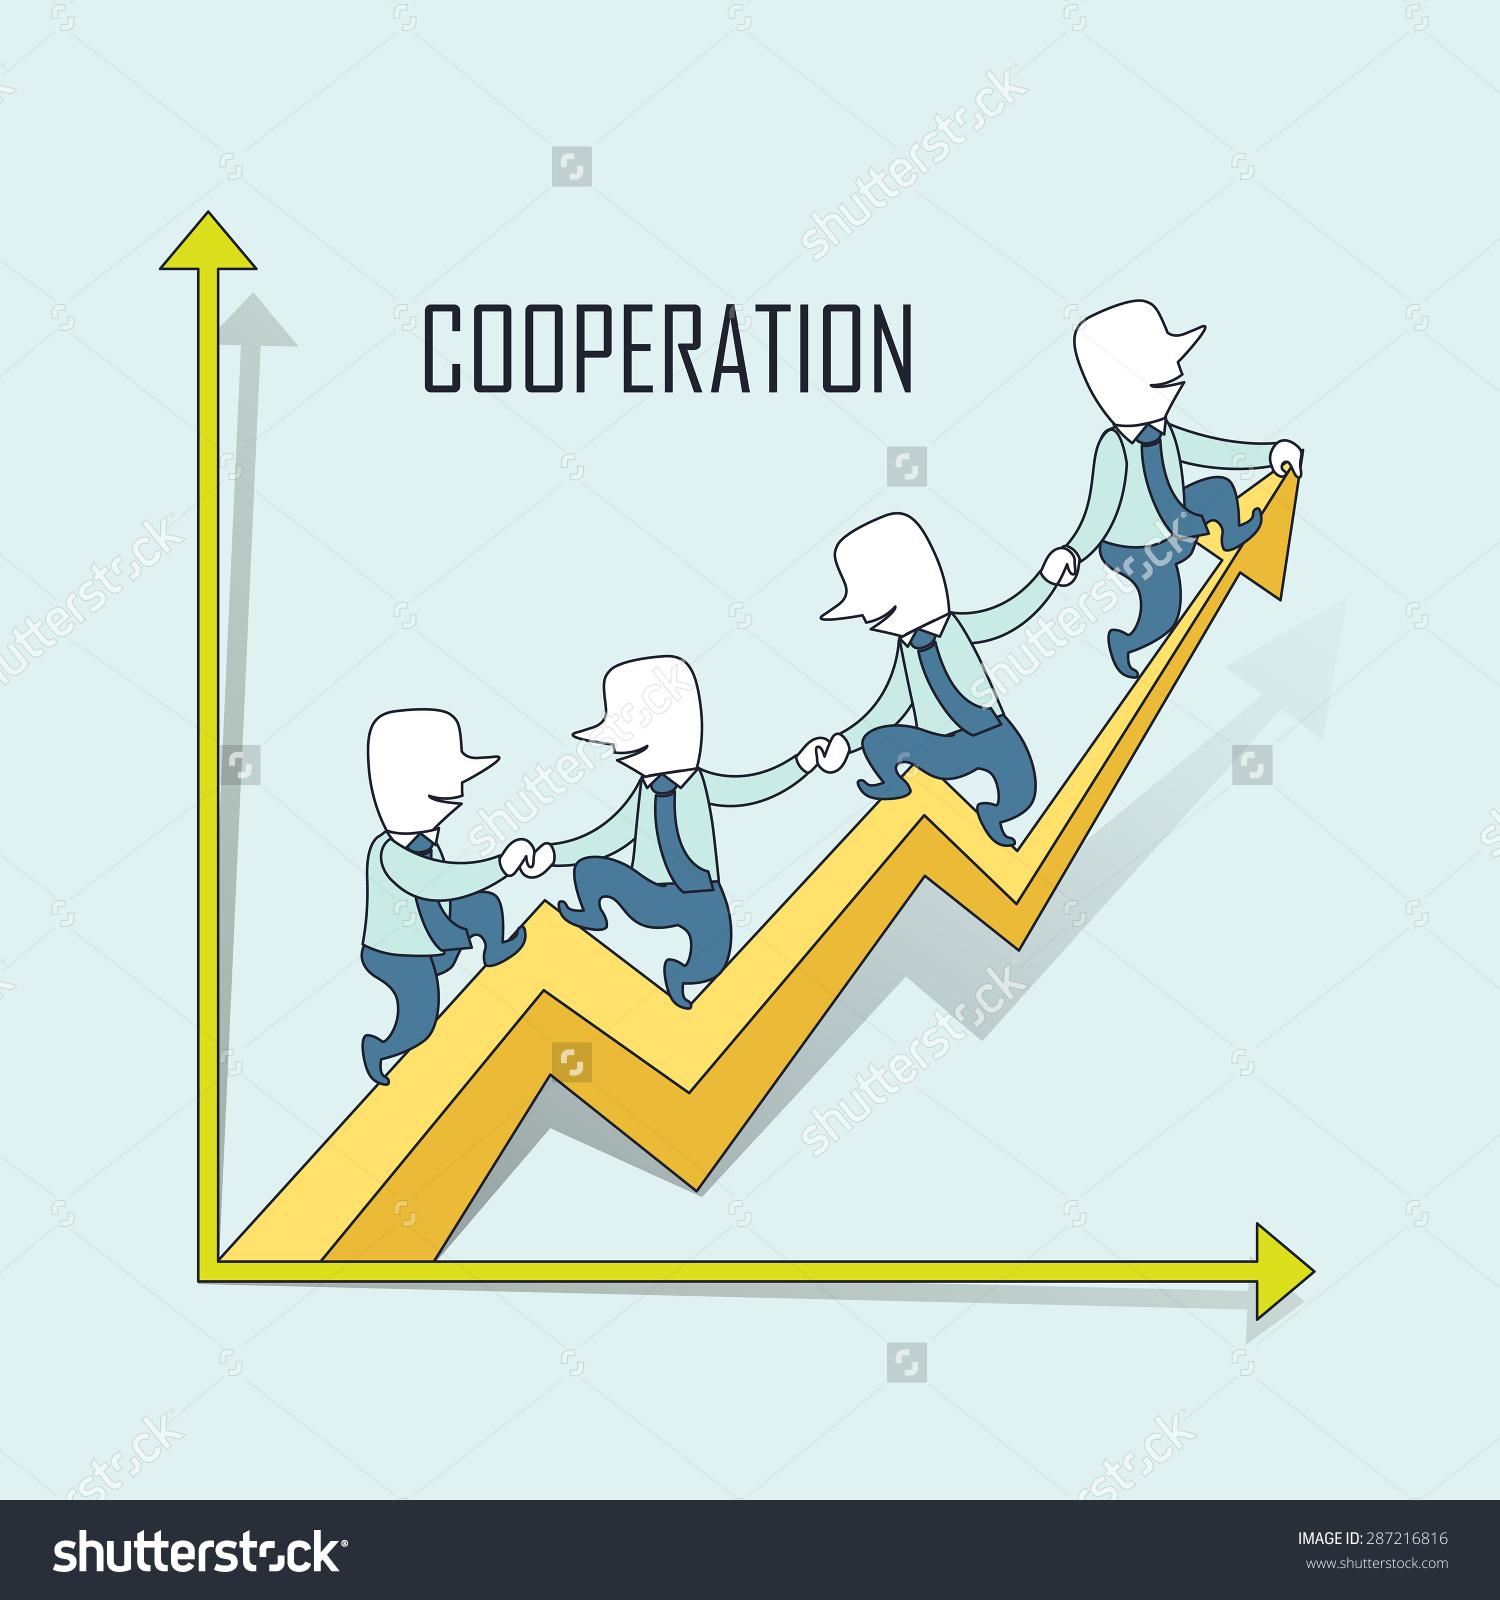 合作理念:商人骑着成长的箭头样式一致